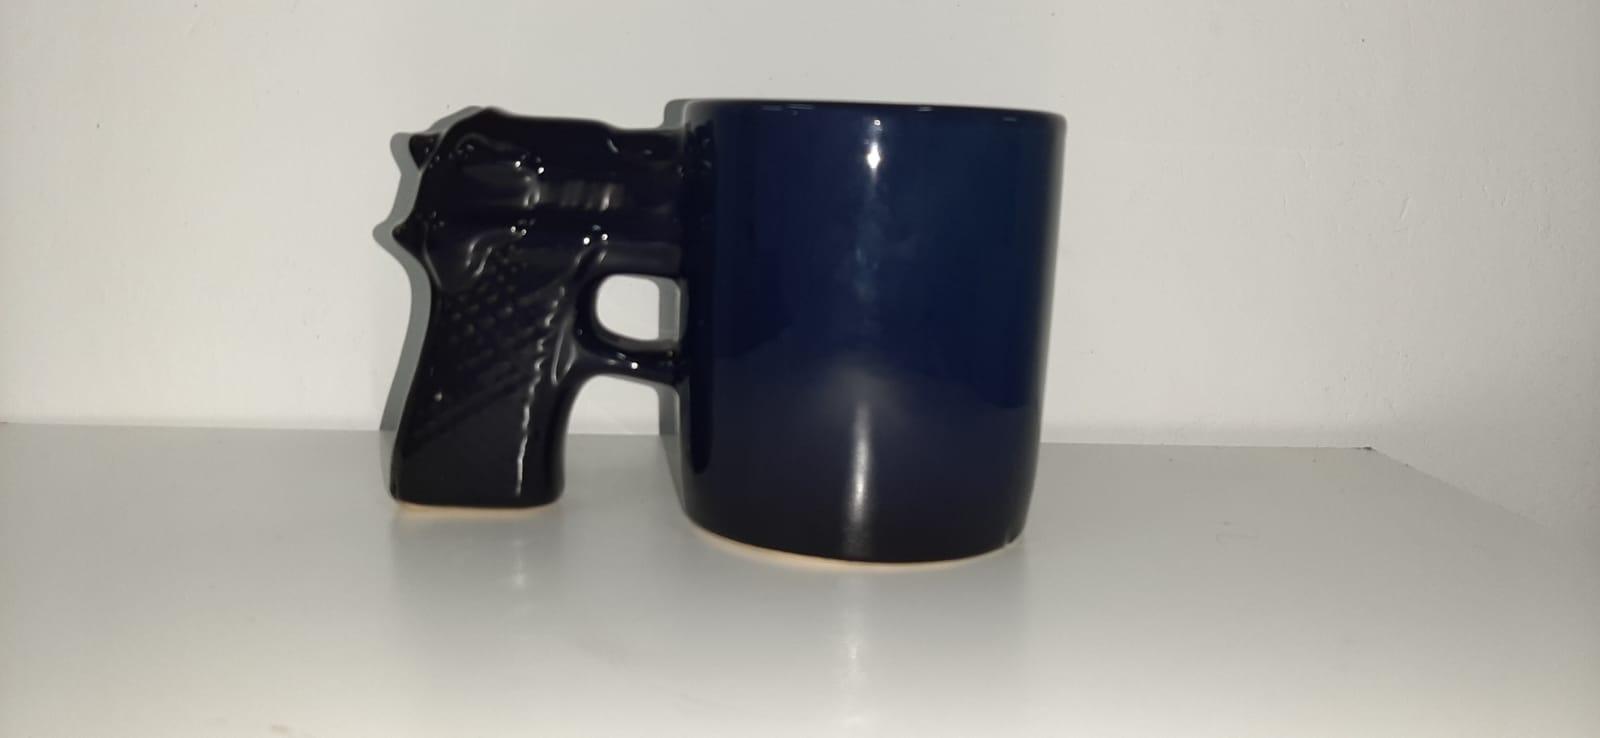 Caneca 3D Pistola (Arma Quadrada) (Pequenos Detalhes Na Cerâmica) (Azul)